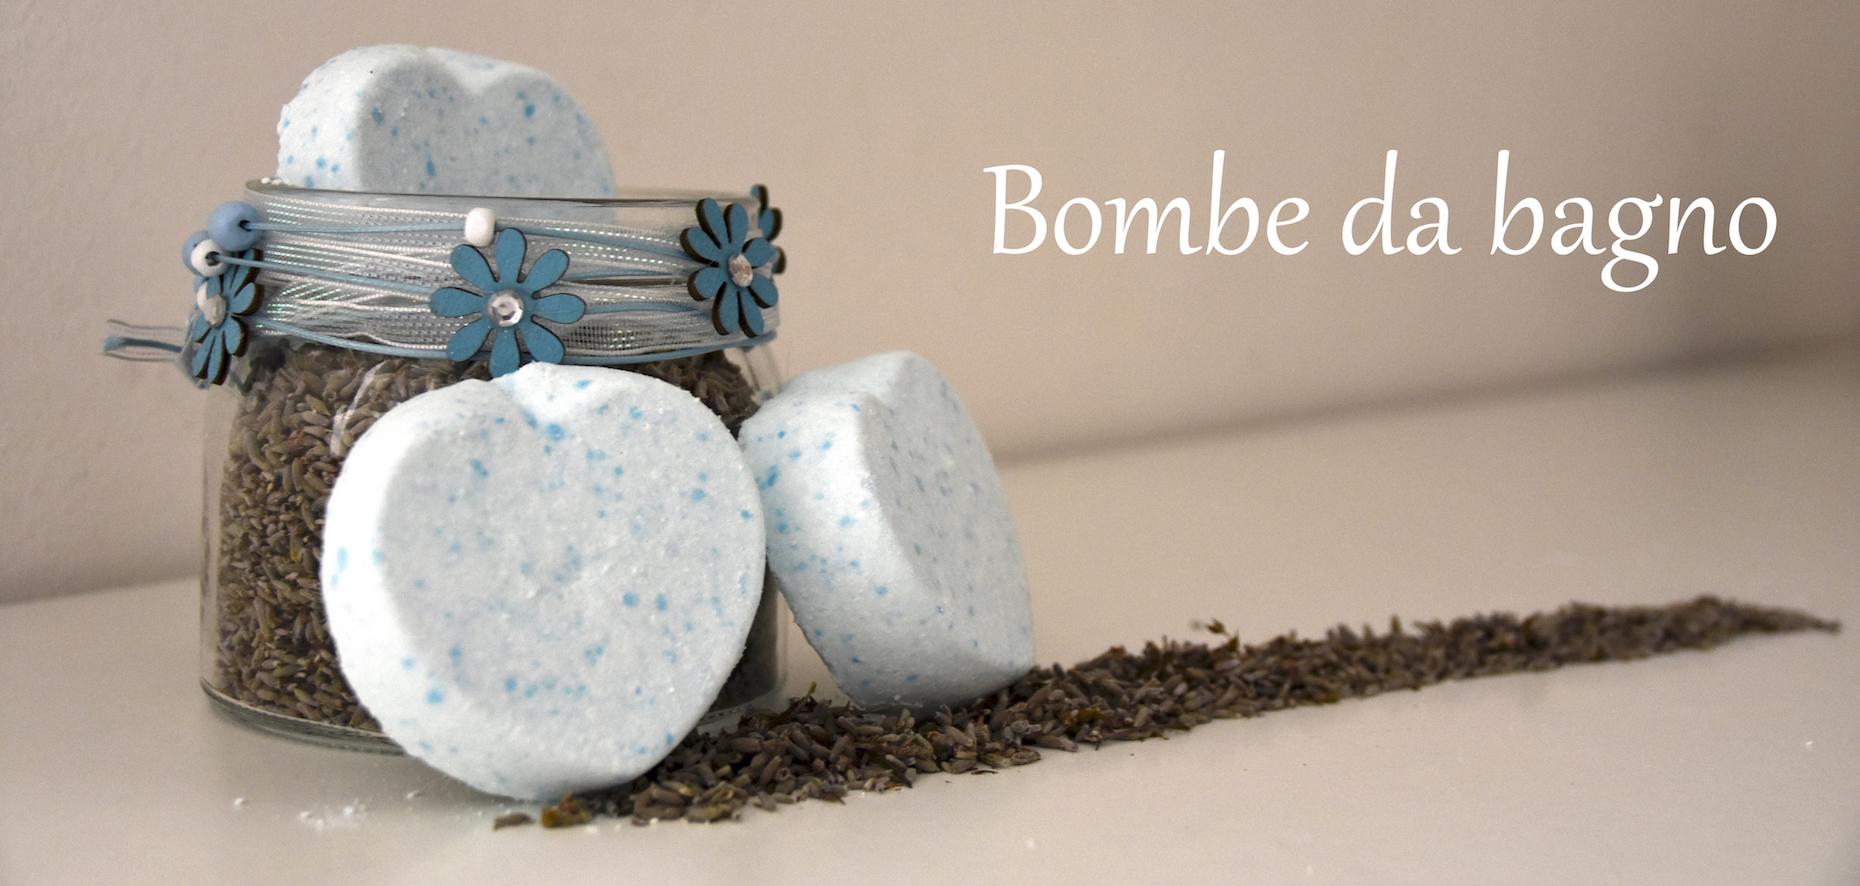 Bombe da bagno front bolle di sapone - Bombe da bagno effervescenti ...